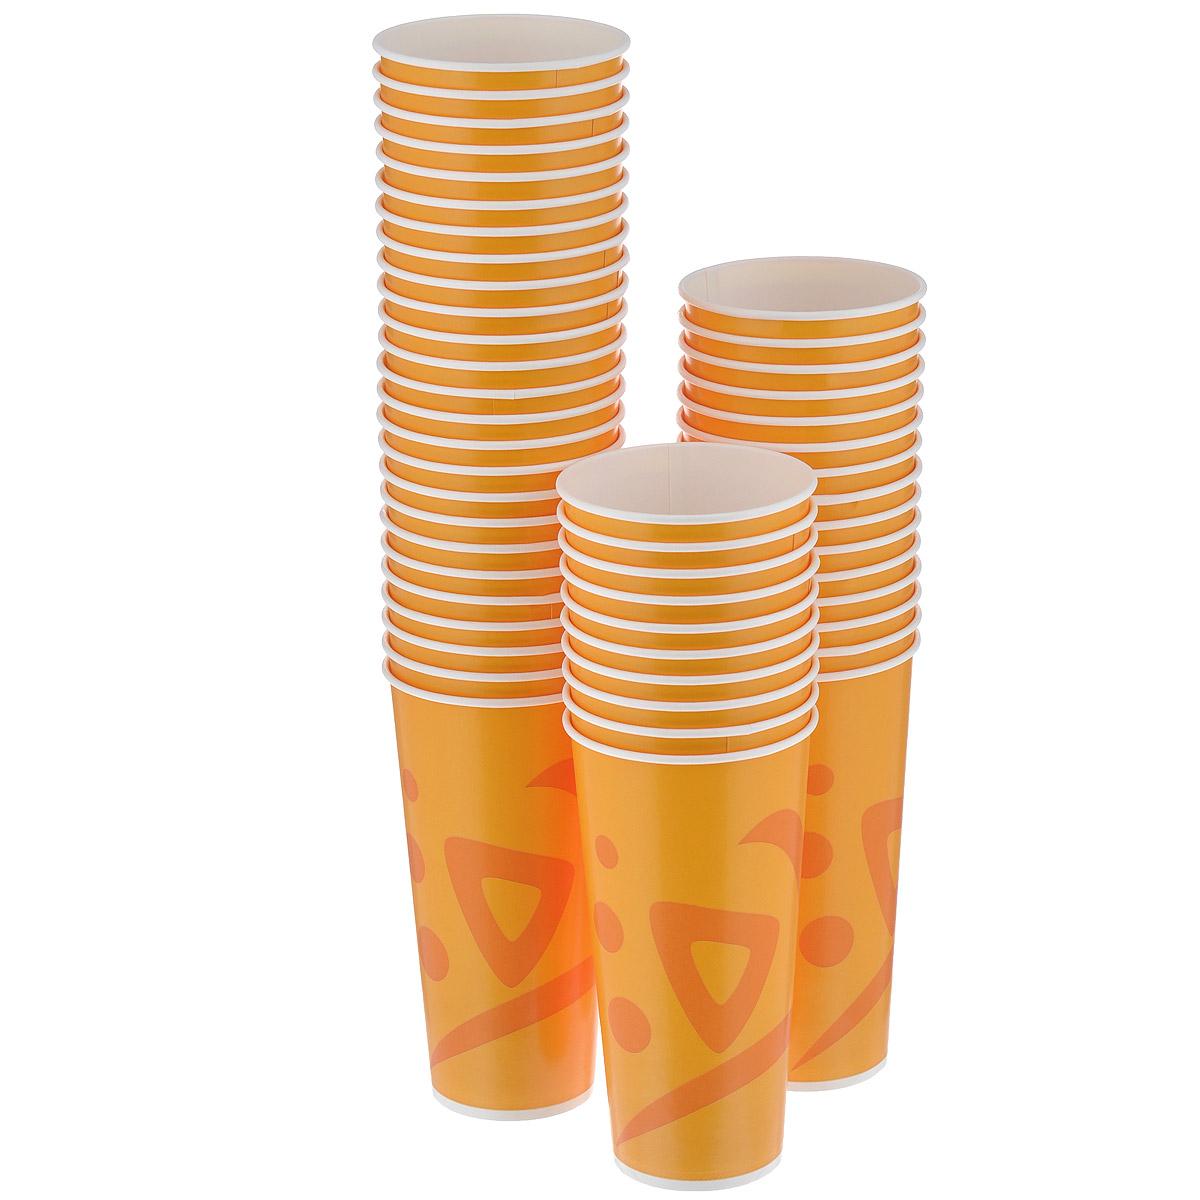 Стаканы одноразовые Huhtamaki Whizz, бумажные, 500 мл, 50 штFD 992Одноразовые стаканы Huhtamaki Whizz изготовлены из ламинированной бумаги. Стаканы предназначены для подачи холодных напитков. Вы можете взять стаканы с собой на природу, в парк, на пикник и наслаждаться вкусными напитками. Несмотря на то, что стаканы бумажные, они очень прочные и не промокают. Диаметр (по верхнему краю): 9 см. Высота: 17 см.